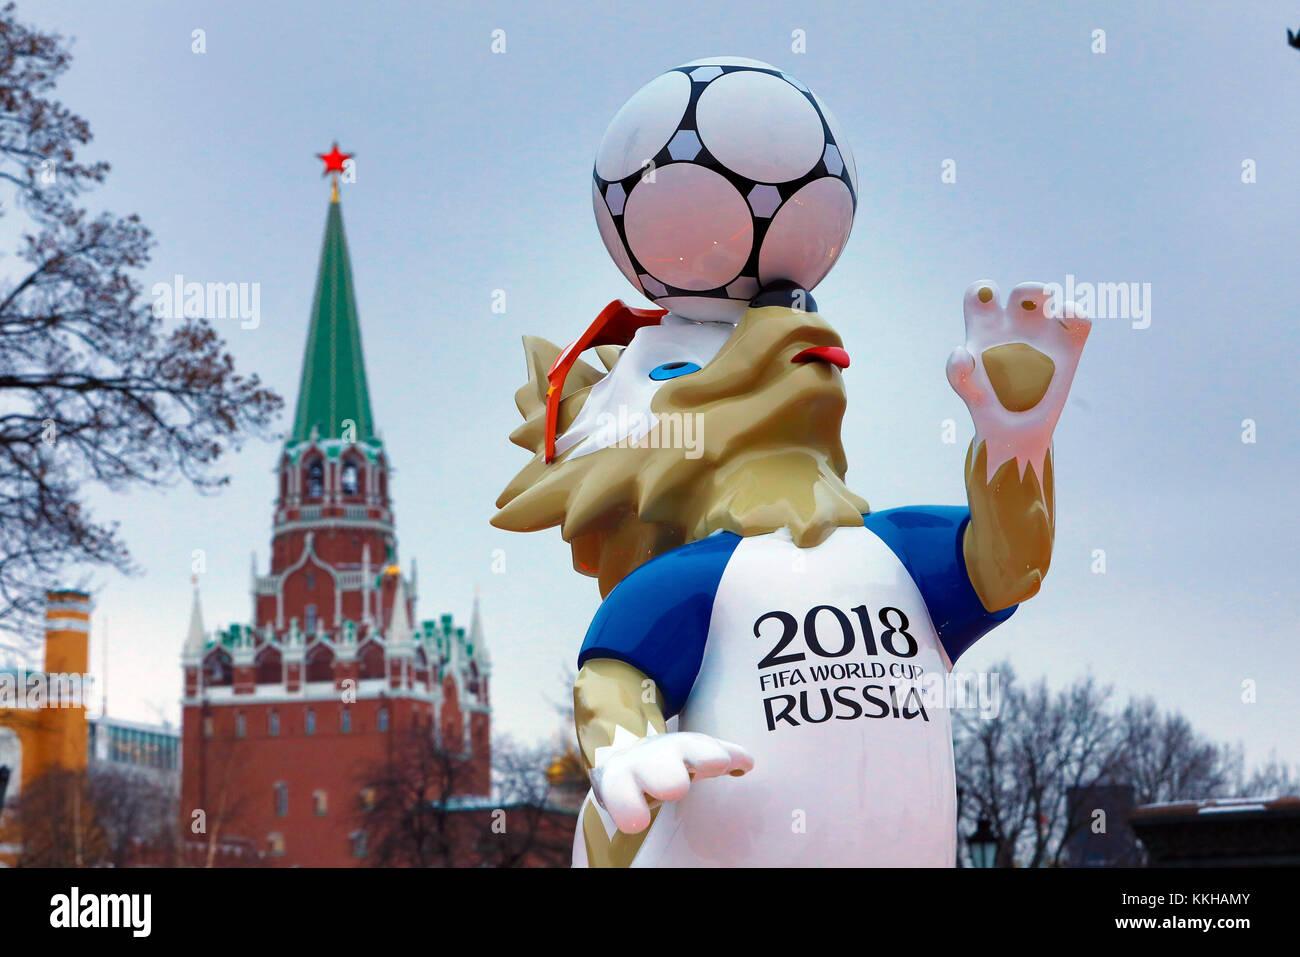 Moskau, Russland. 29 de noviembre de 2017. Der Kreml con dem Wolf Zabivaka, Maskottchen der Fussball- WM 2018. Característica/Schmuckbild/Hintergrund/Hintergrundbild. Fussball: Auslosung zur FIFA- Fussball Weltmeisterschaft 2018 en Moskau, Russland 01.12.2017 - Fútbol, sorteo de la Copa Mundial de la FIFA 2018, Moscú, 01 de diciembre de 2017  uso en todo el mundo crédito: dpa/Alamy Live News Foto de stock